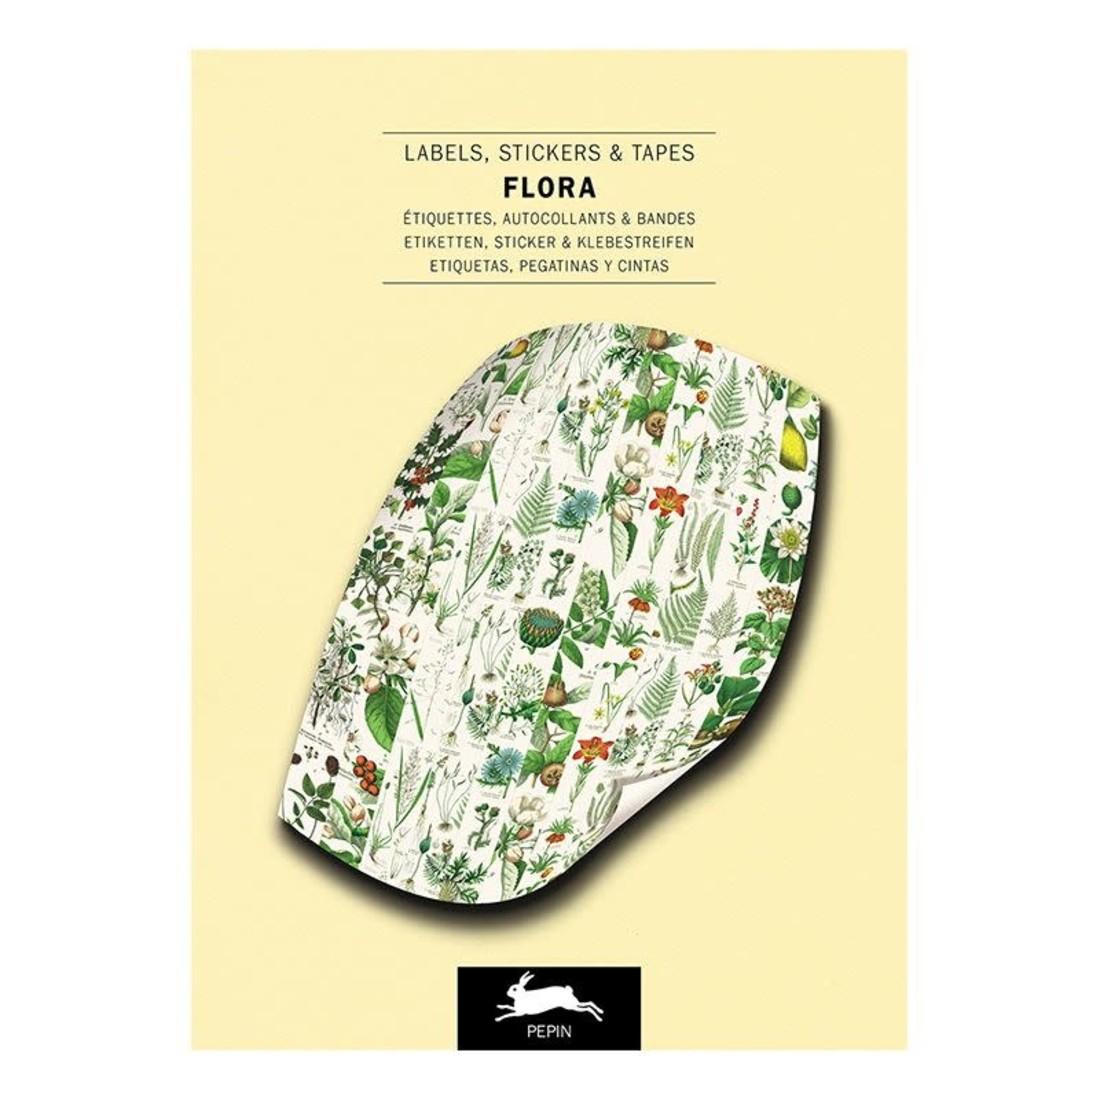 Pepin Label & Sticker Book - Flora